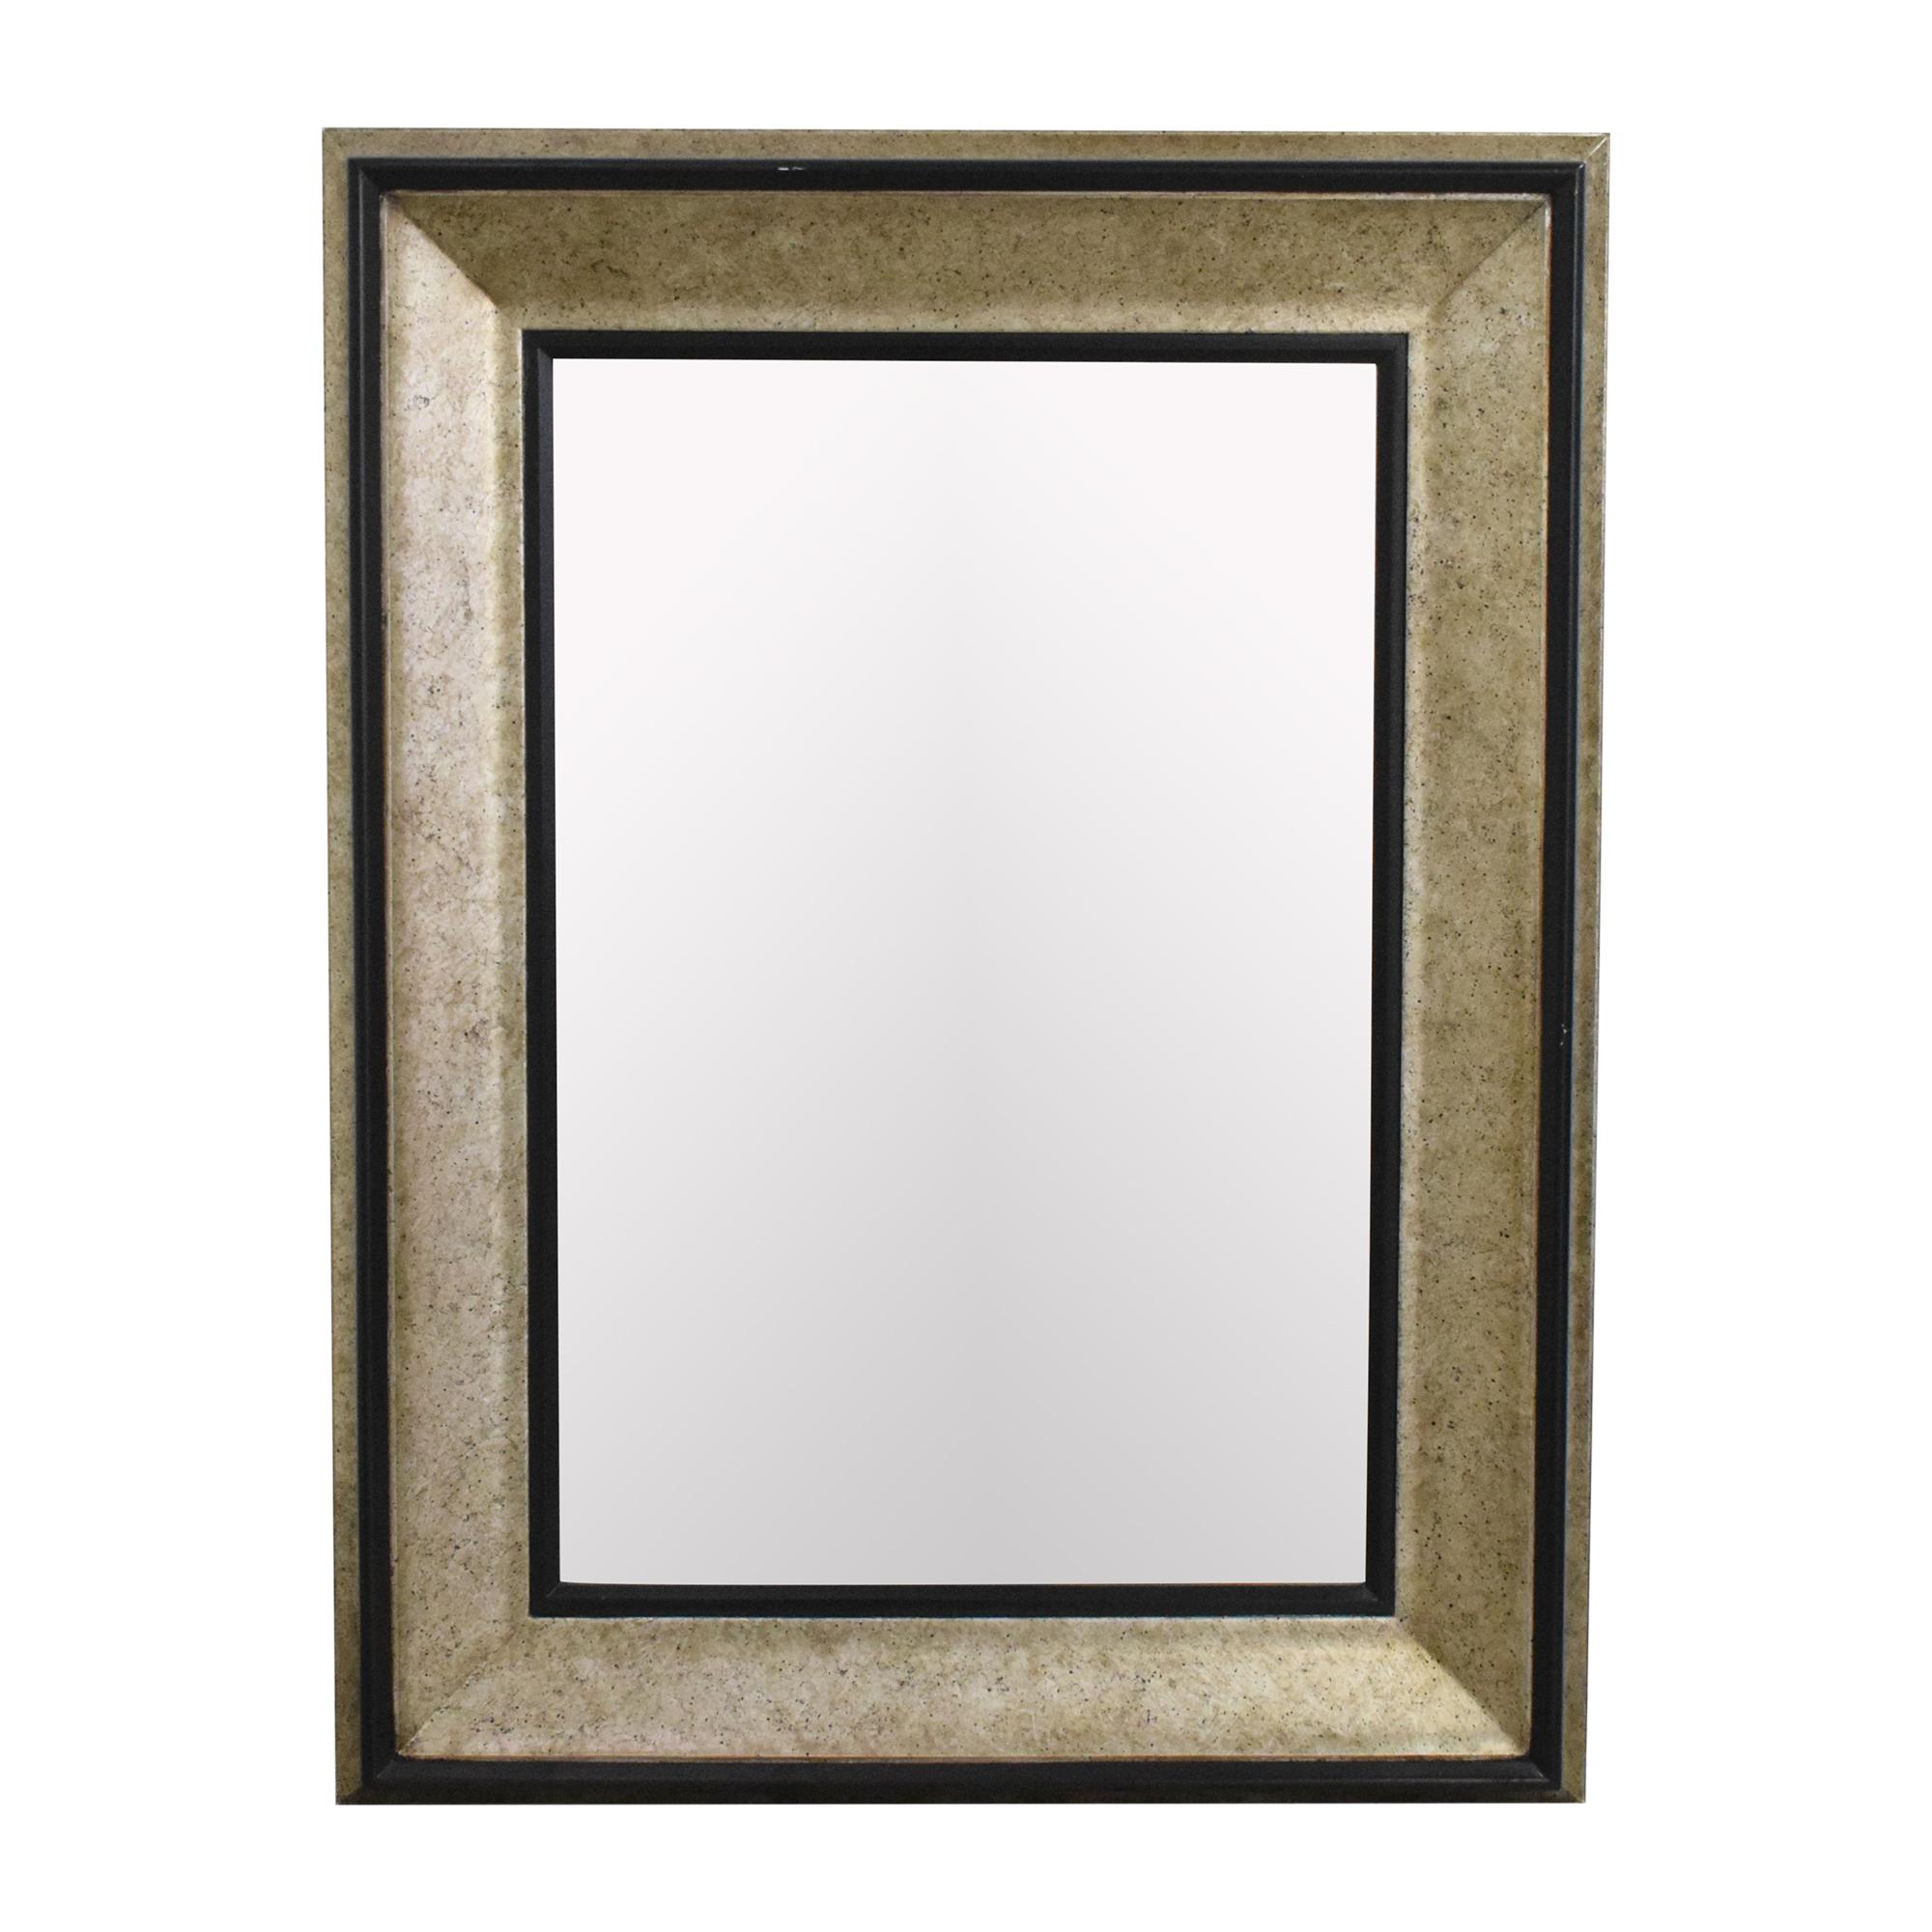 Bombay Company Bombay Company Framed Wall Mirror silver